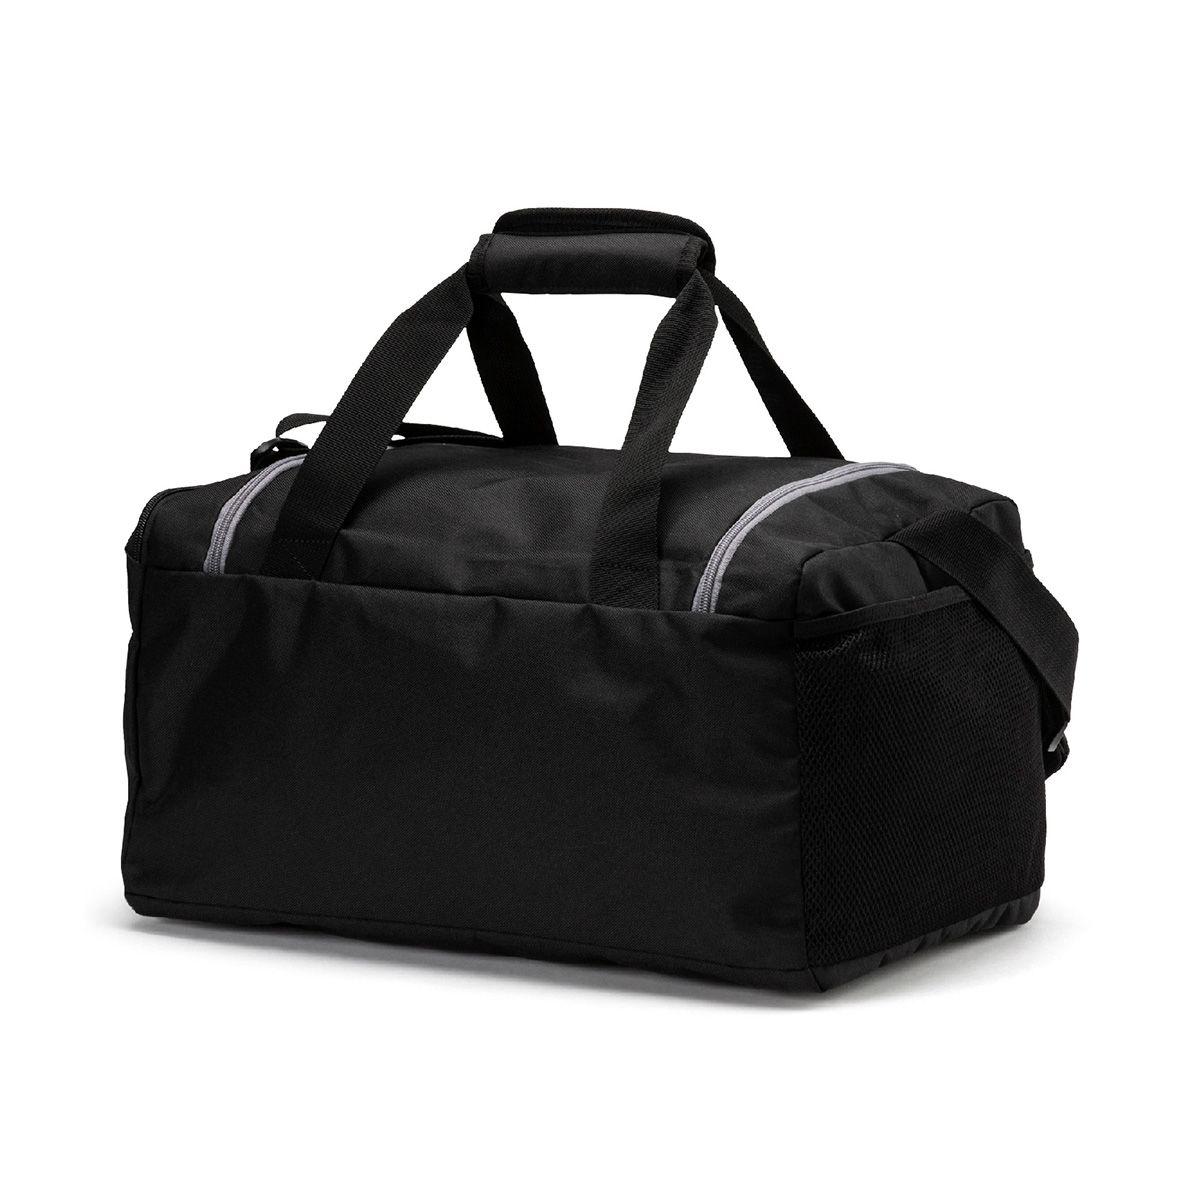 f3b5ceaa4 Bolsa Mala Puma Fundamentals Sports Bag M - preta - Original - Titanes  Esportes